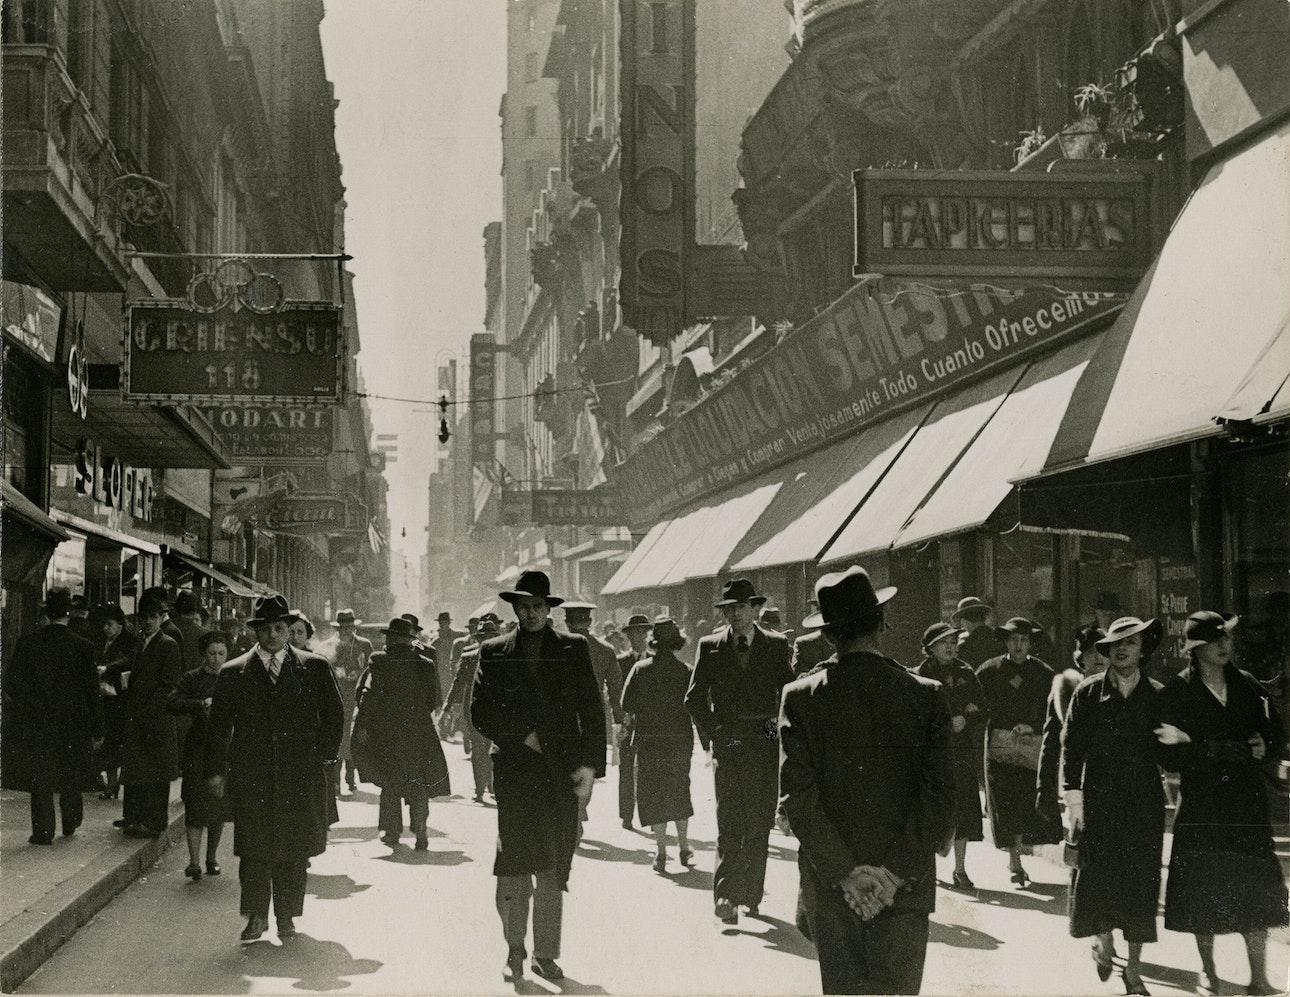 Horacio_Coppola_-_Buenos_Aires_1936_-_Florida_y_Bartolomé_Mitre